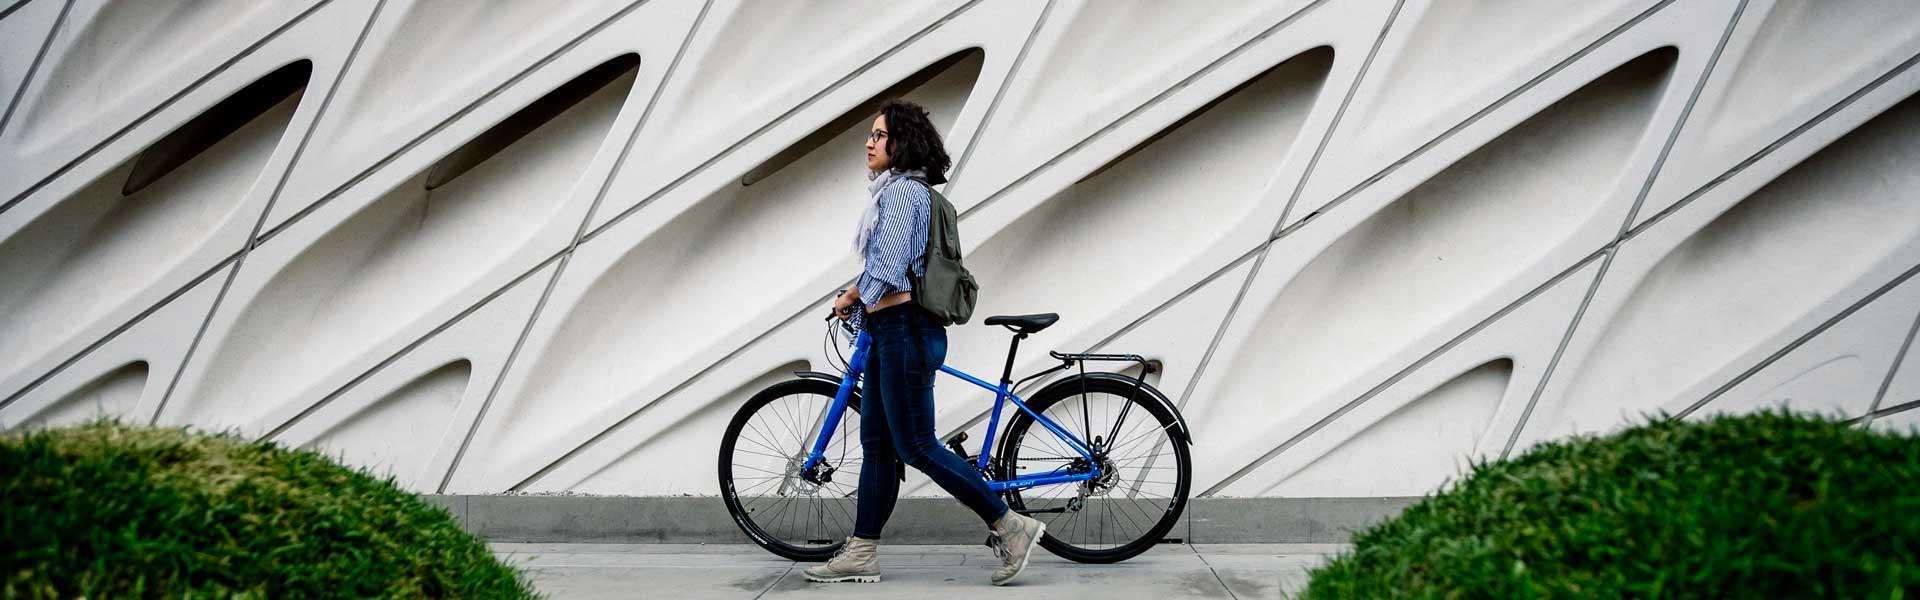 City & Hybrid bikes